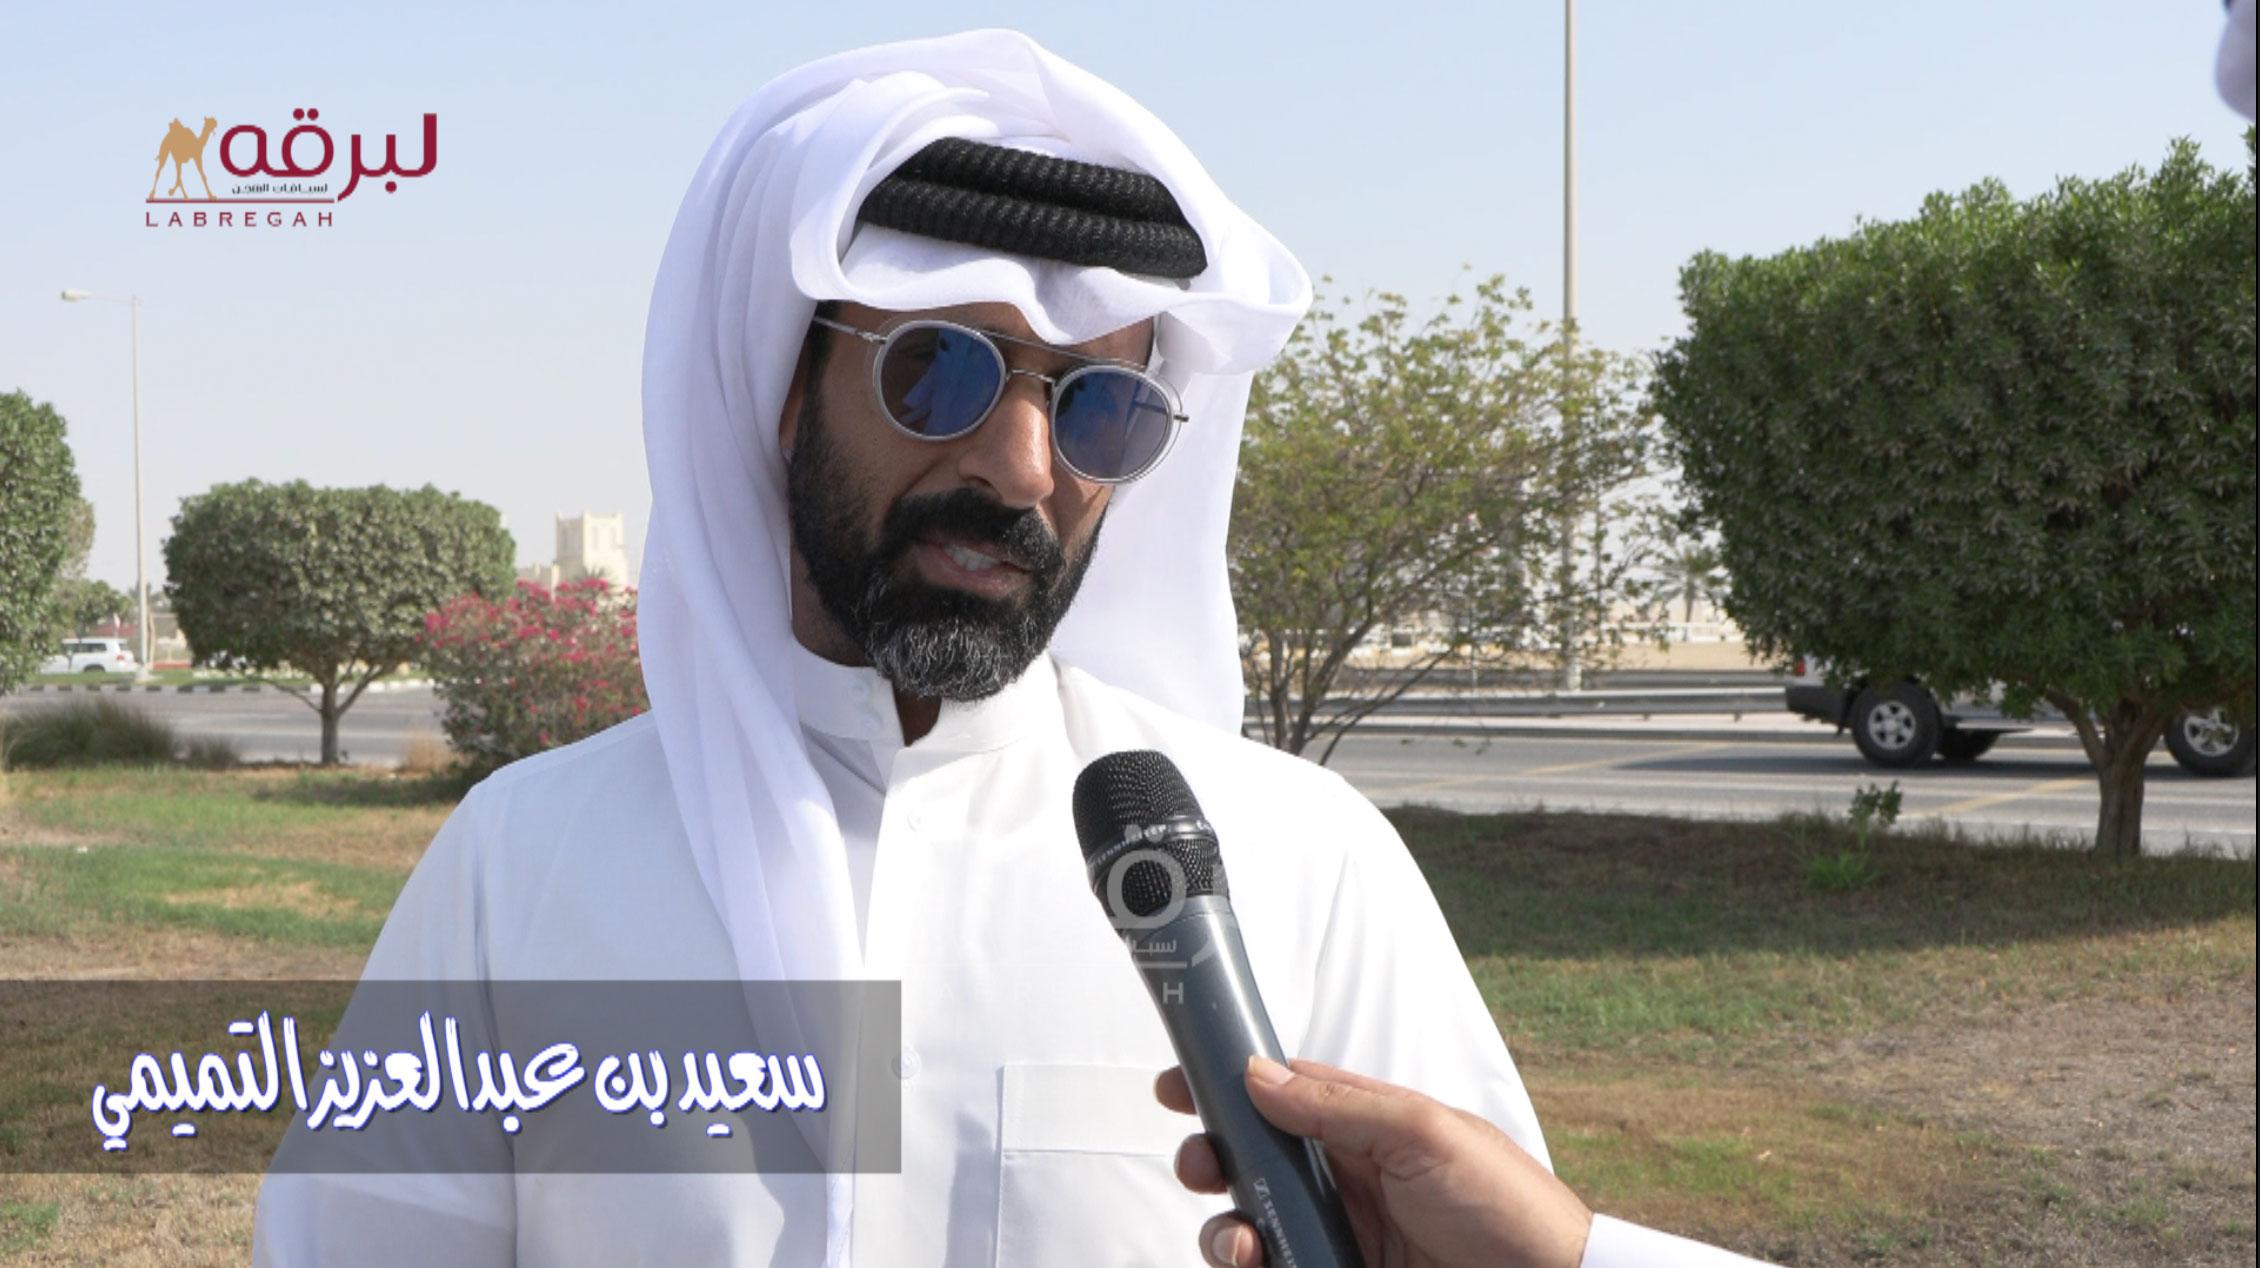 لقاء مع سعيد بن عبدالعزيز التميمي الشوط الرئيسي حقايق قعدان إنتاج ميدان الشحانية ٤-٩-٢٠٢١